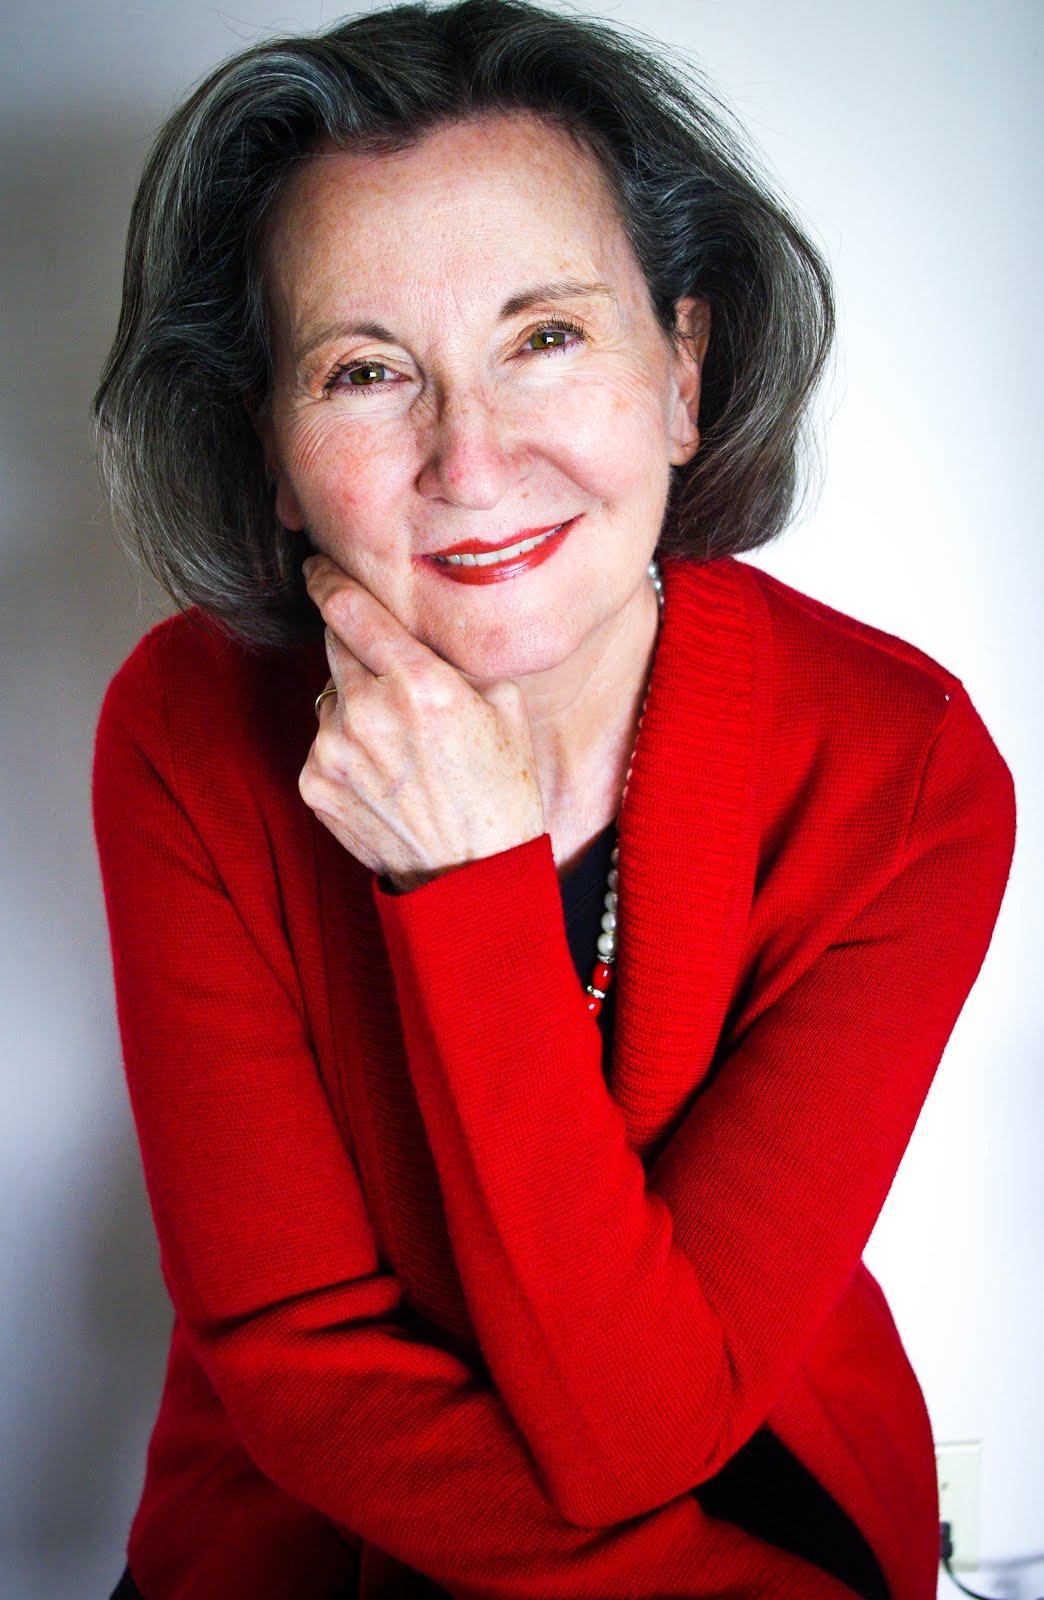 Janene Baadsgaard at 60